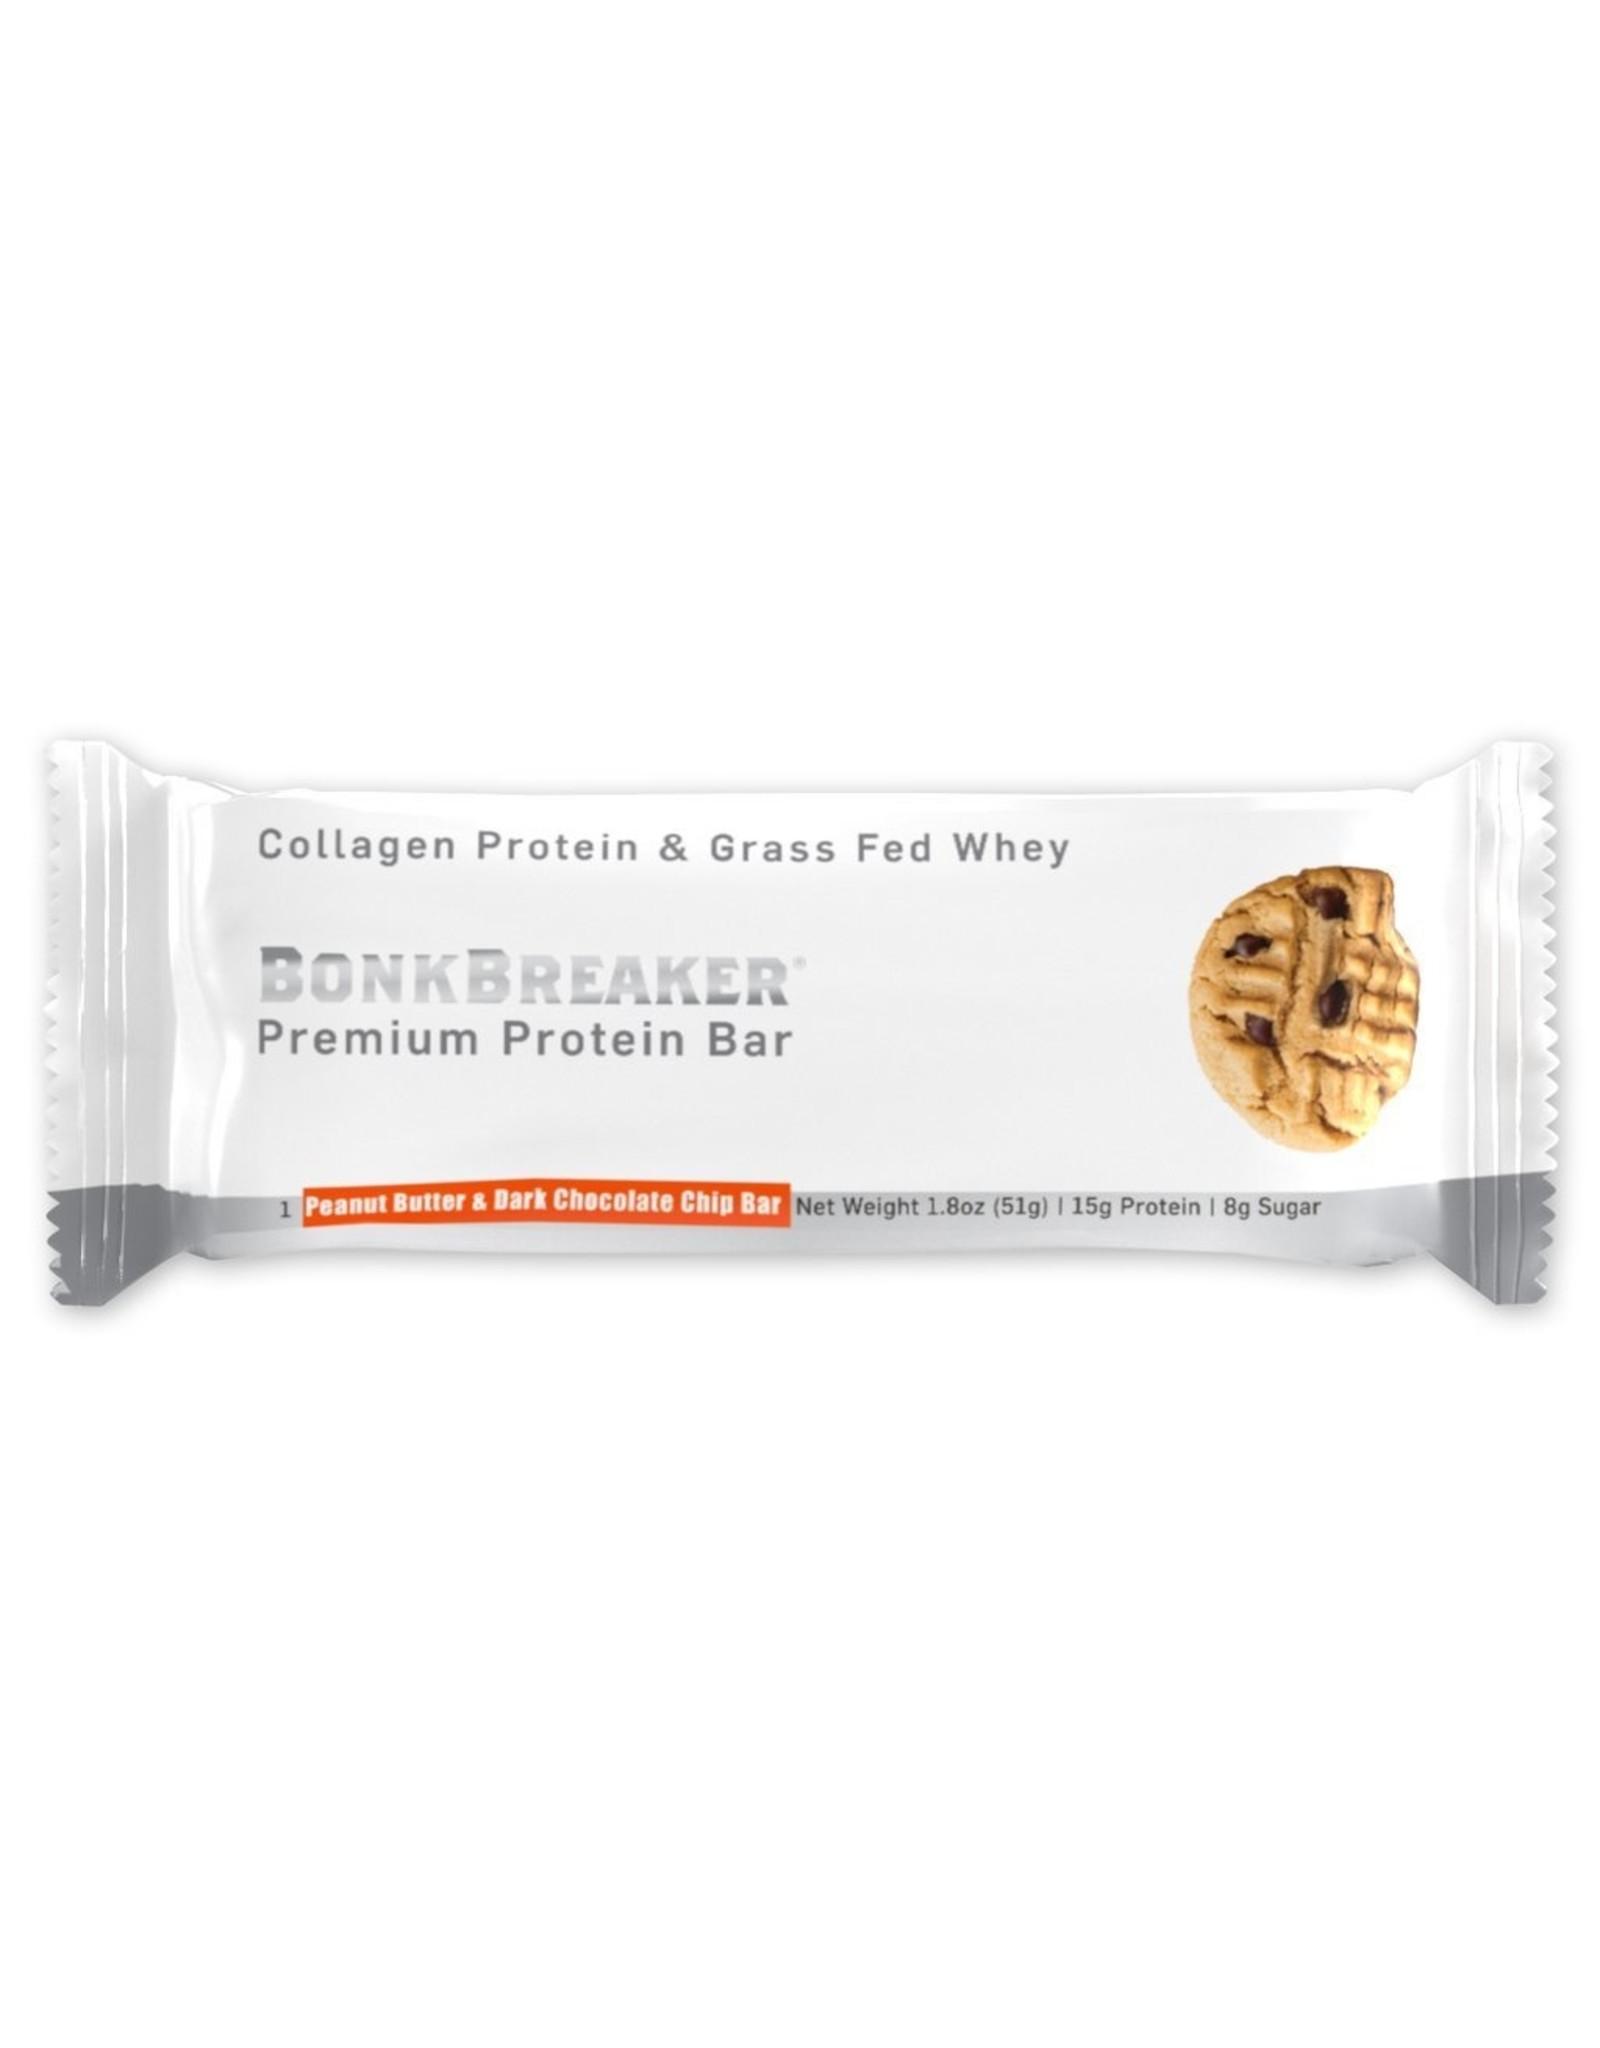 Bonk Breaker Bonk Breaker Protein Bars 12 Pack